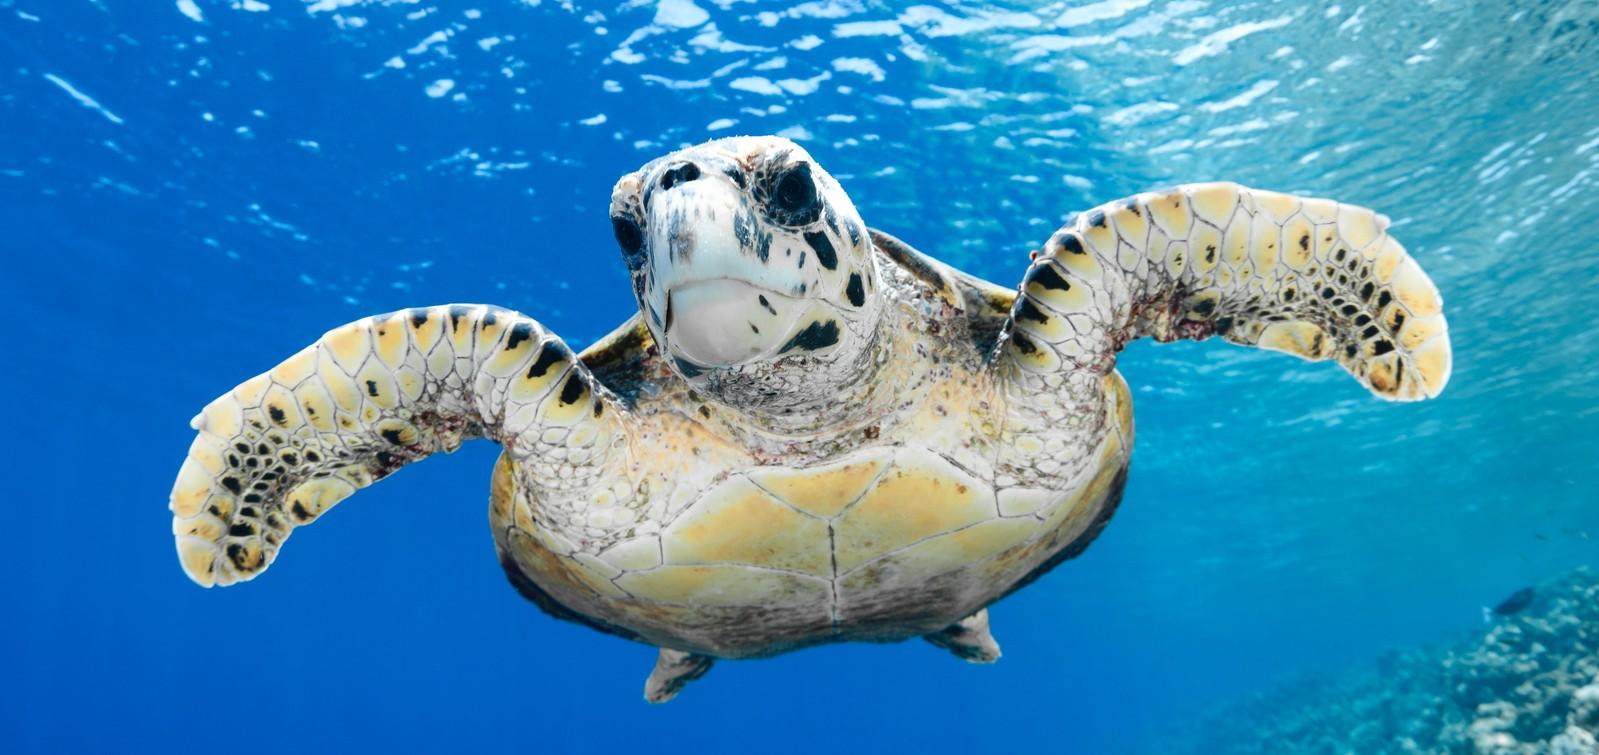 Domani inaugura a portici il centro ricerche tartarughe marine for Vasche per tartarughe marine